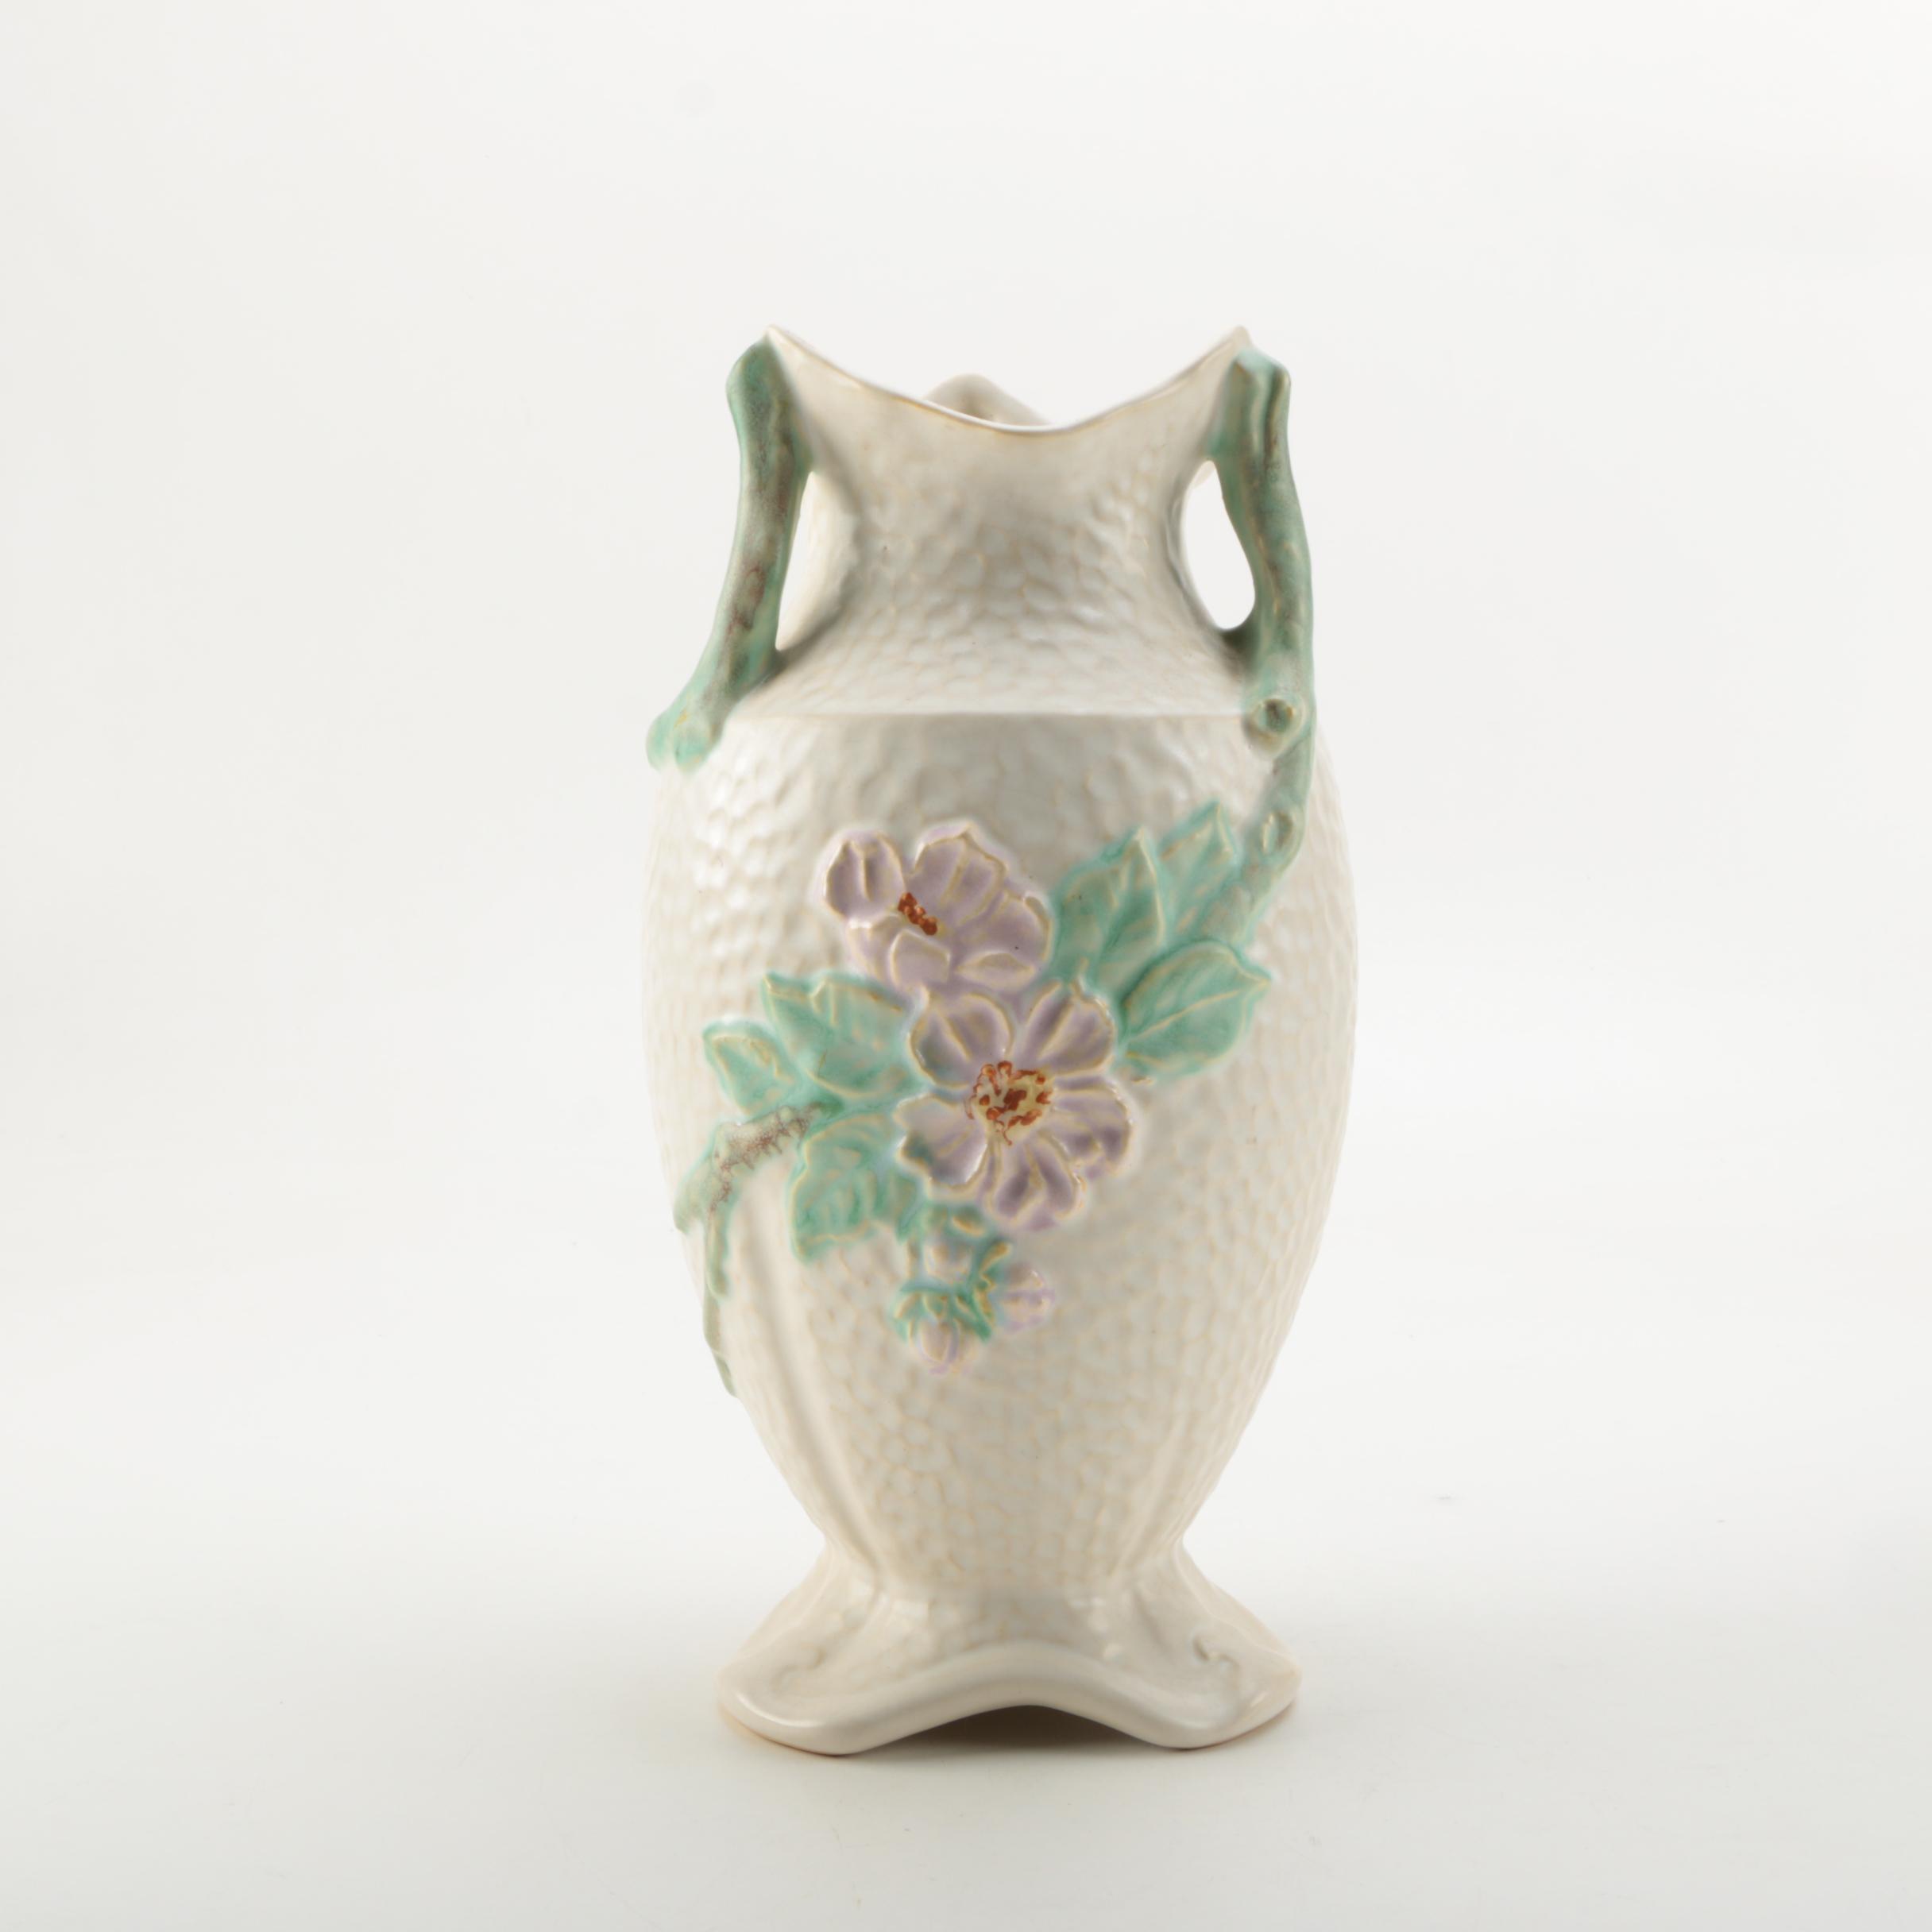 Vintage Weller Pottery Floral Vase